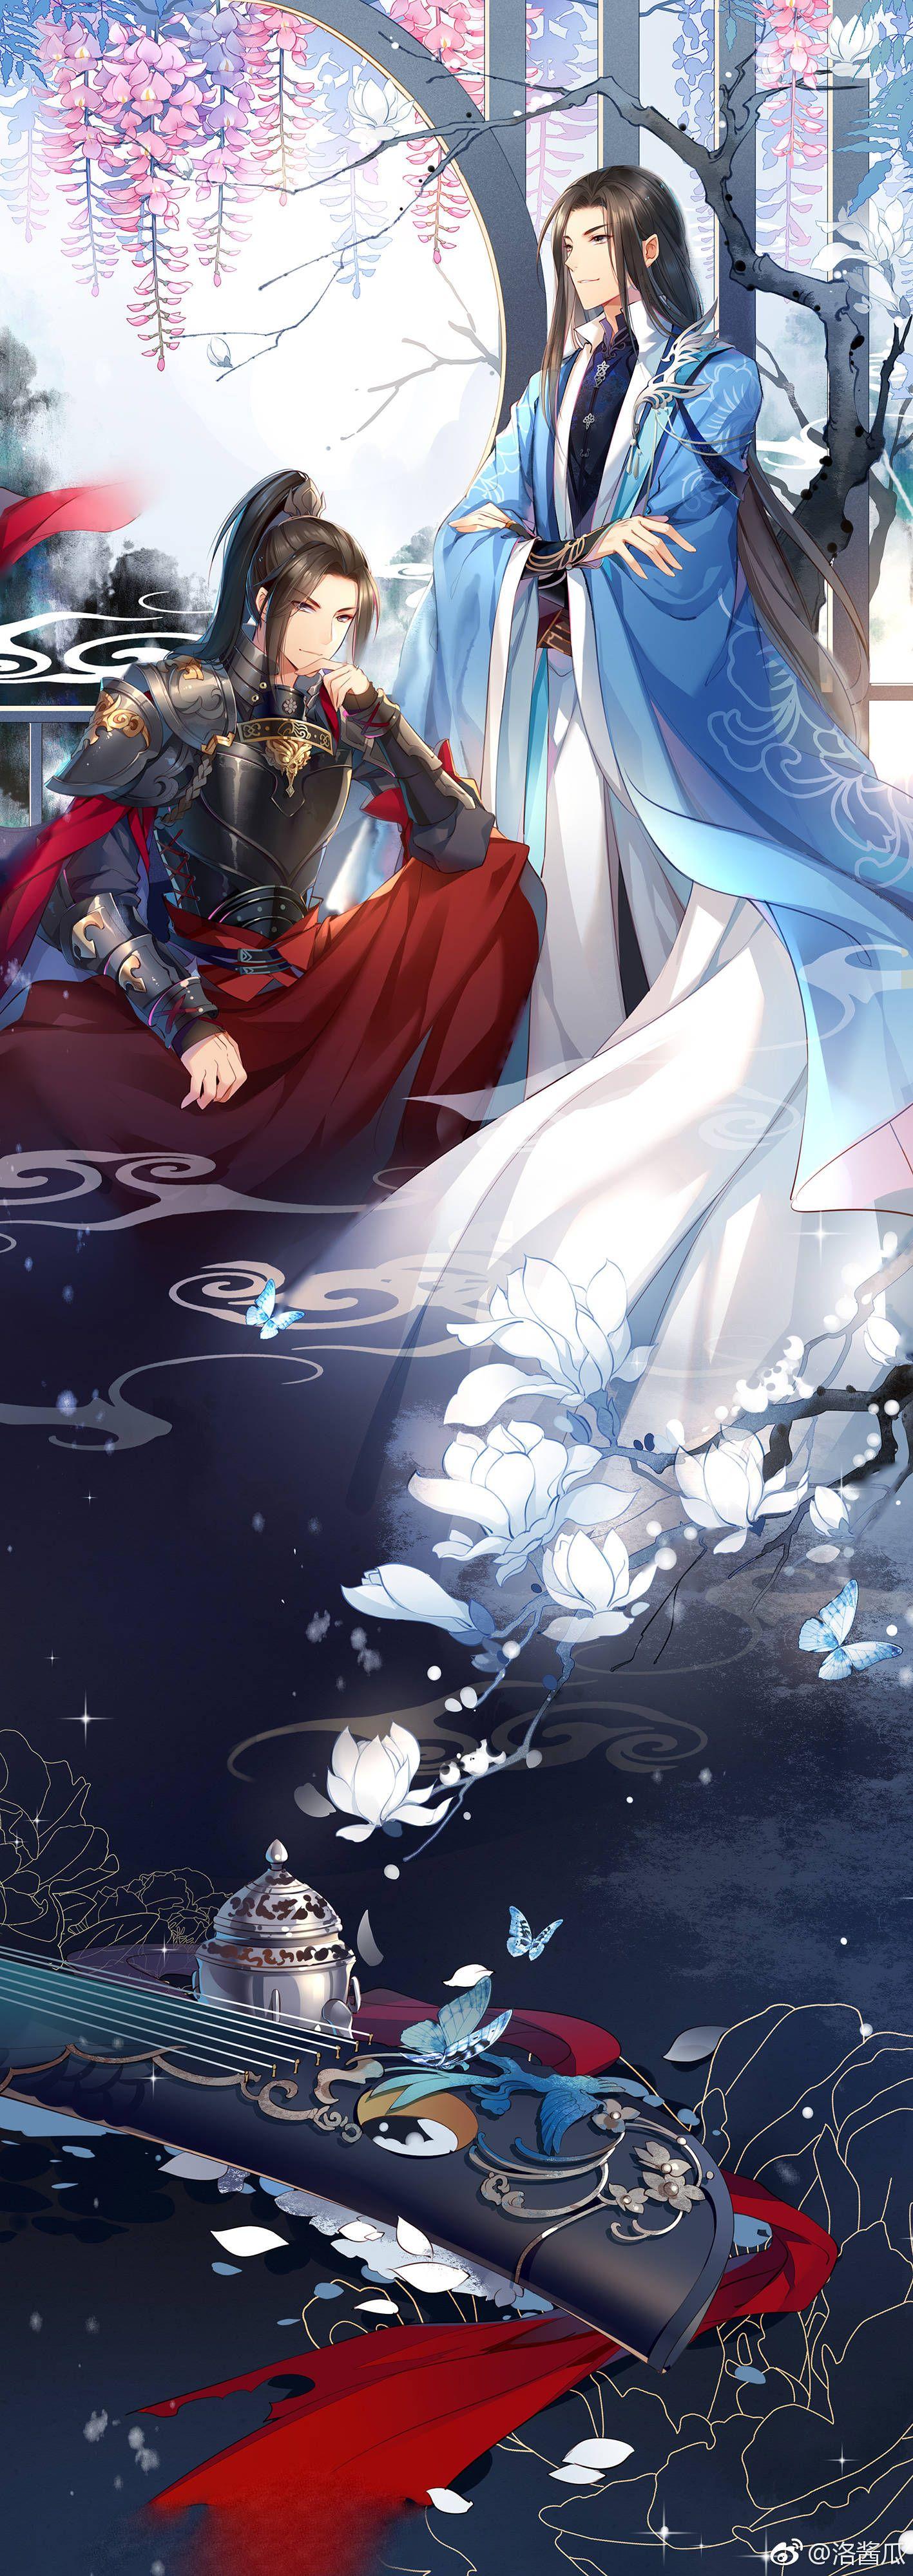 Pin By Ner Ner On Fantasy Fantasy Art Men Anime Guys Anime